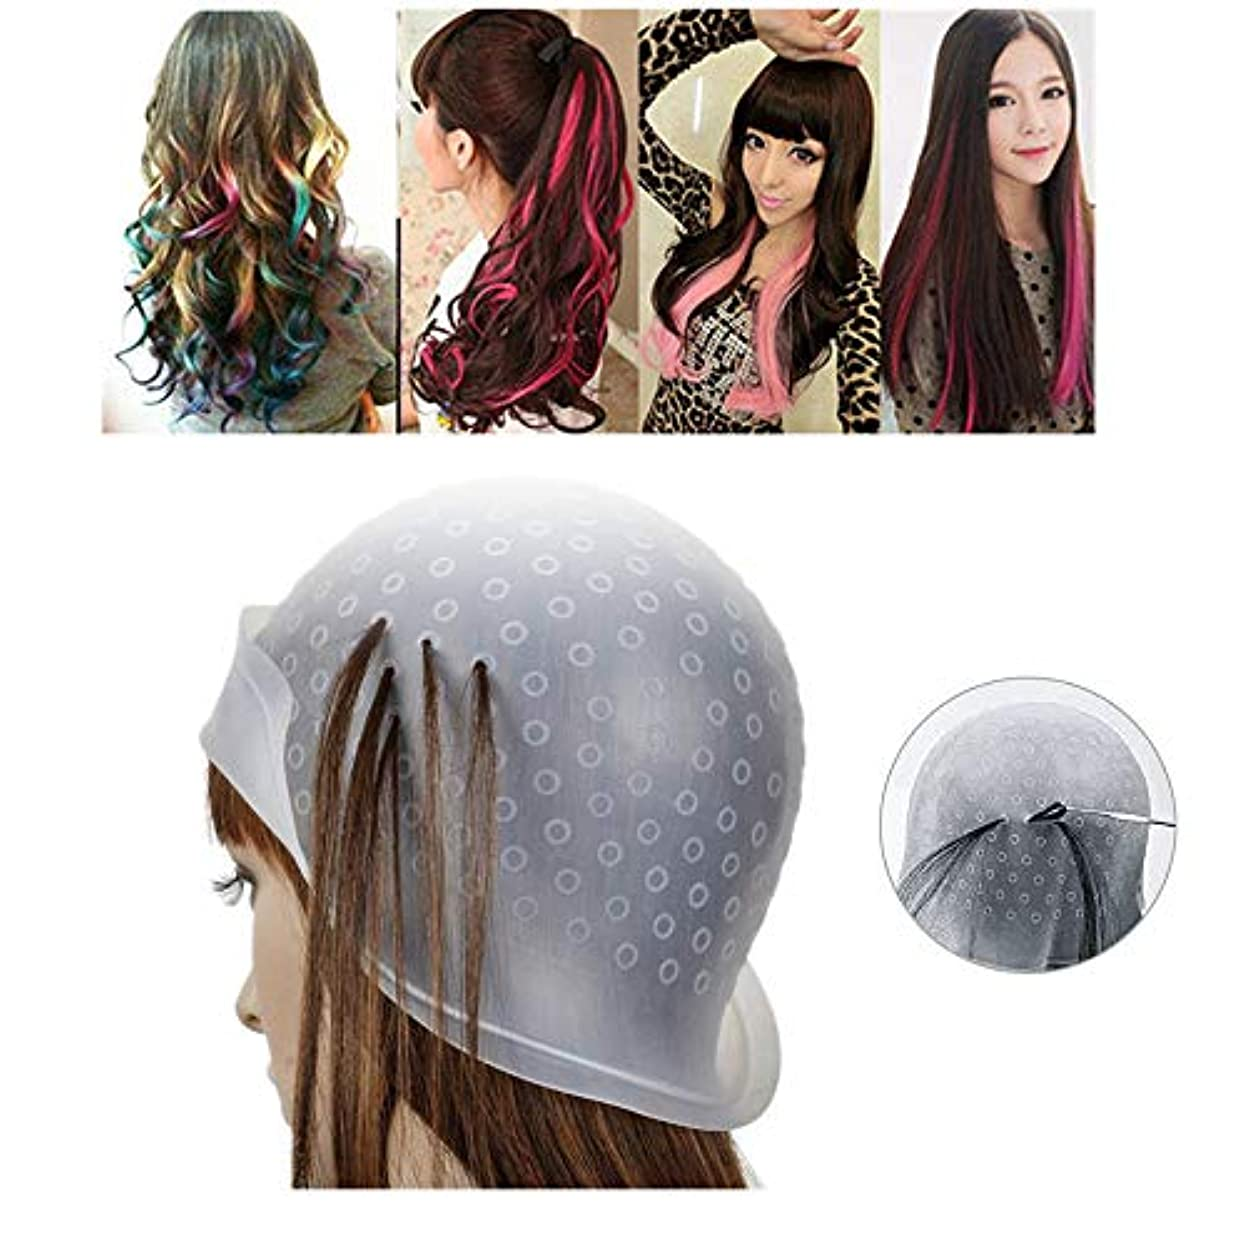 メッシュキャップ ヘアカラー 毛染めキャップ 髪染め用 洗って使える ヘアカラー メッシュ 用 シリコン ヘアキャップ カラーリング 不要な染めを避ける 透明